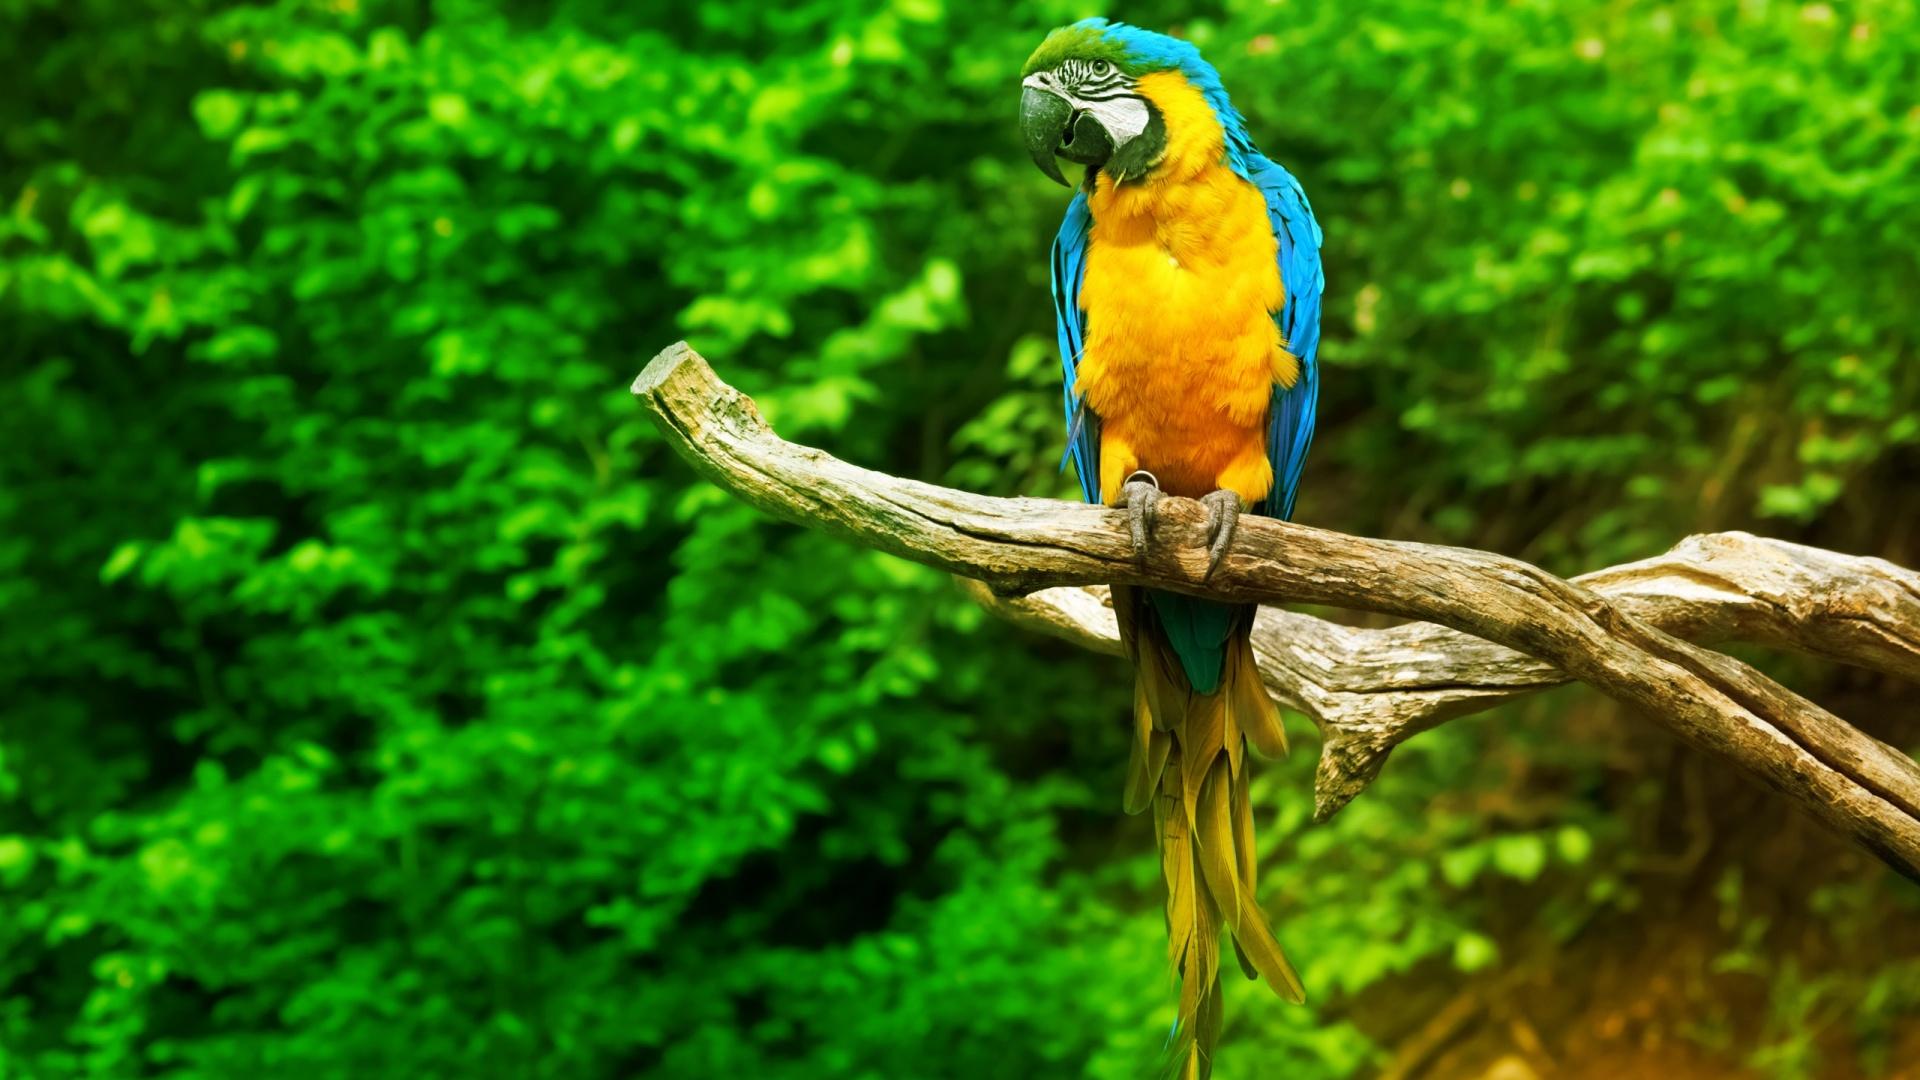 parrot images hd